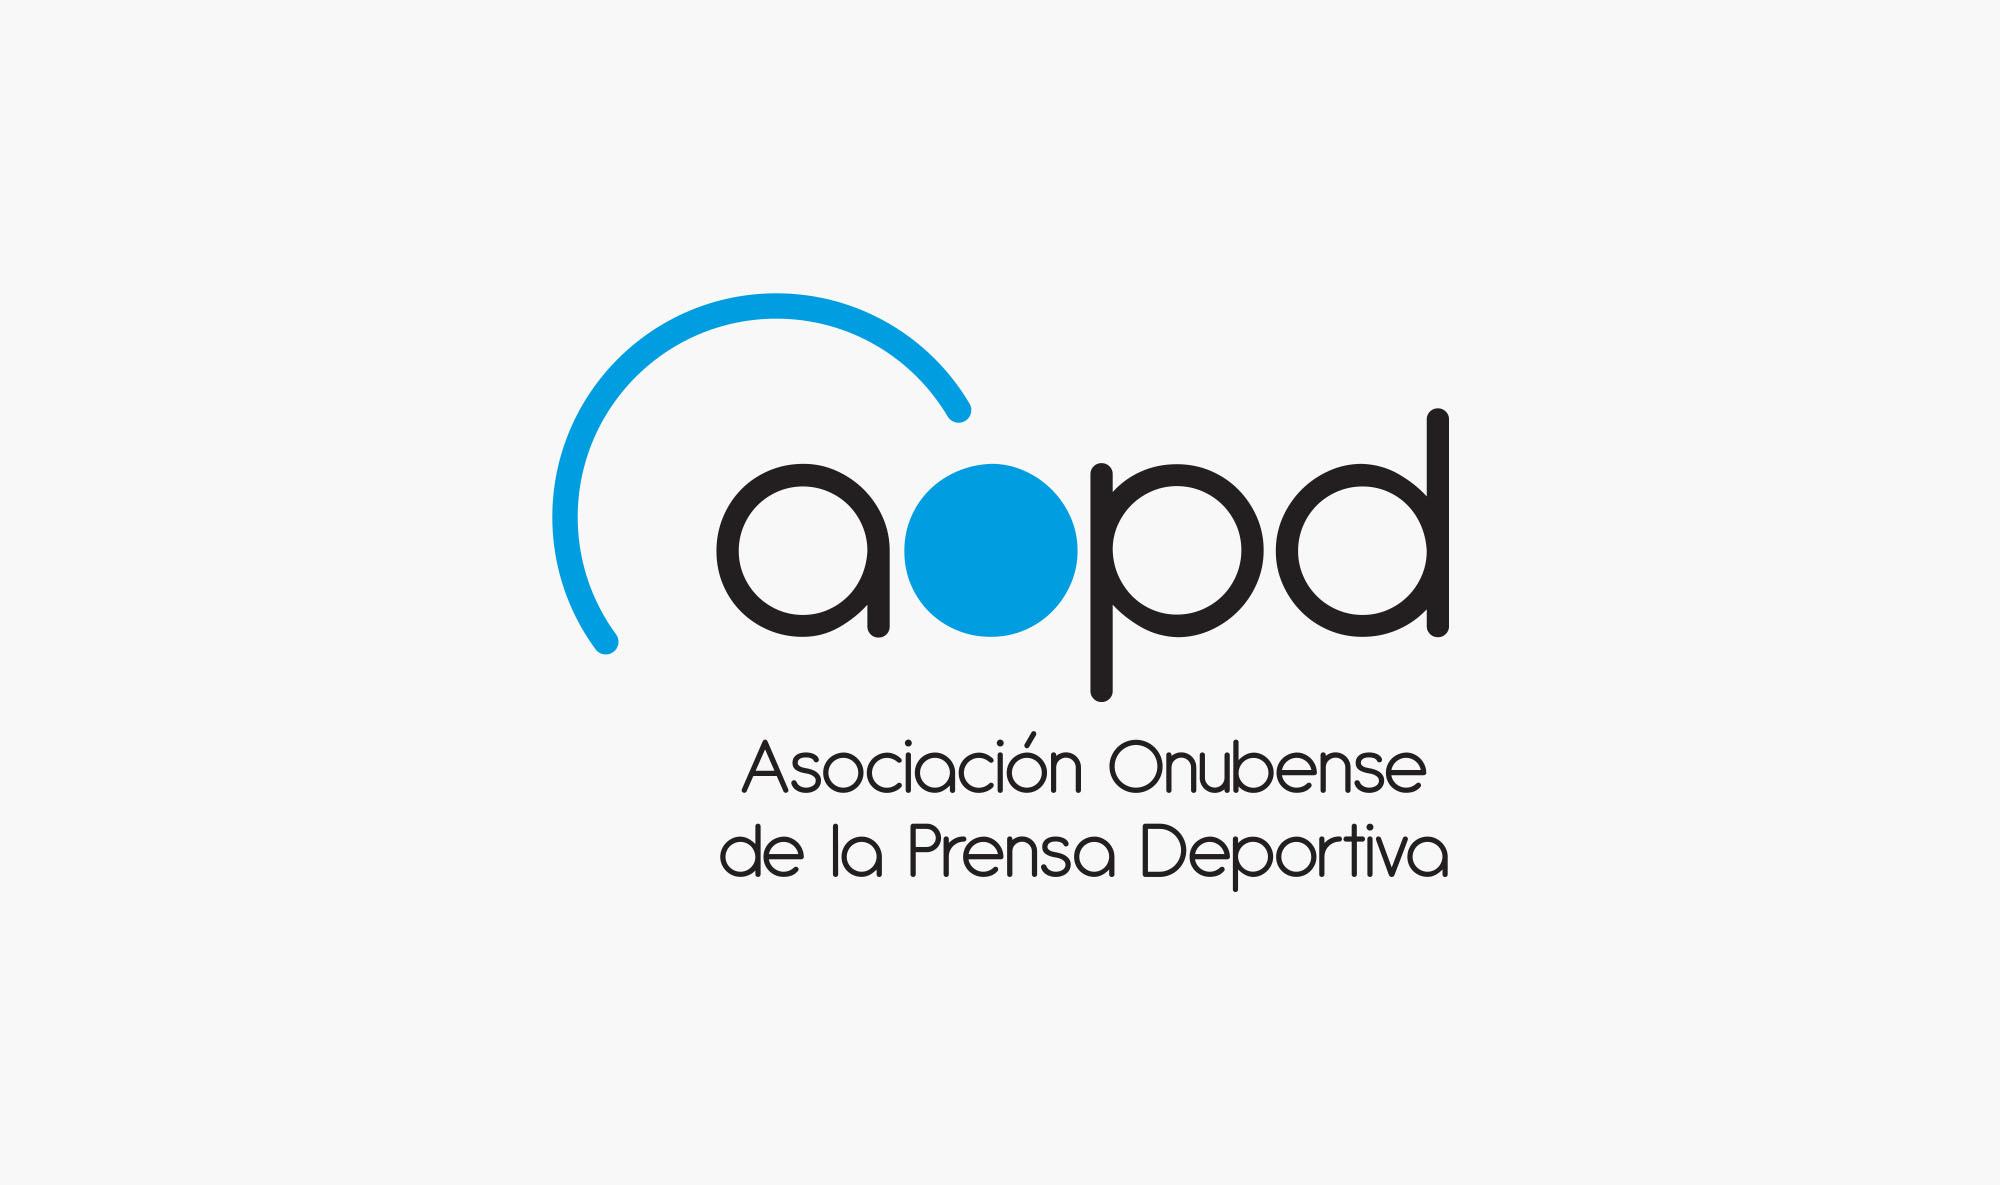 Logotipo de la Asociación Onubense de la Prensa Deportiva